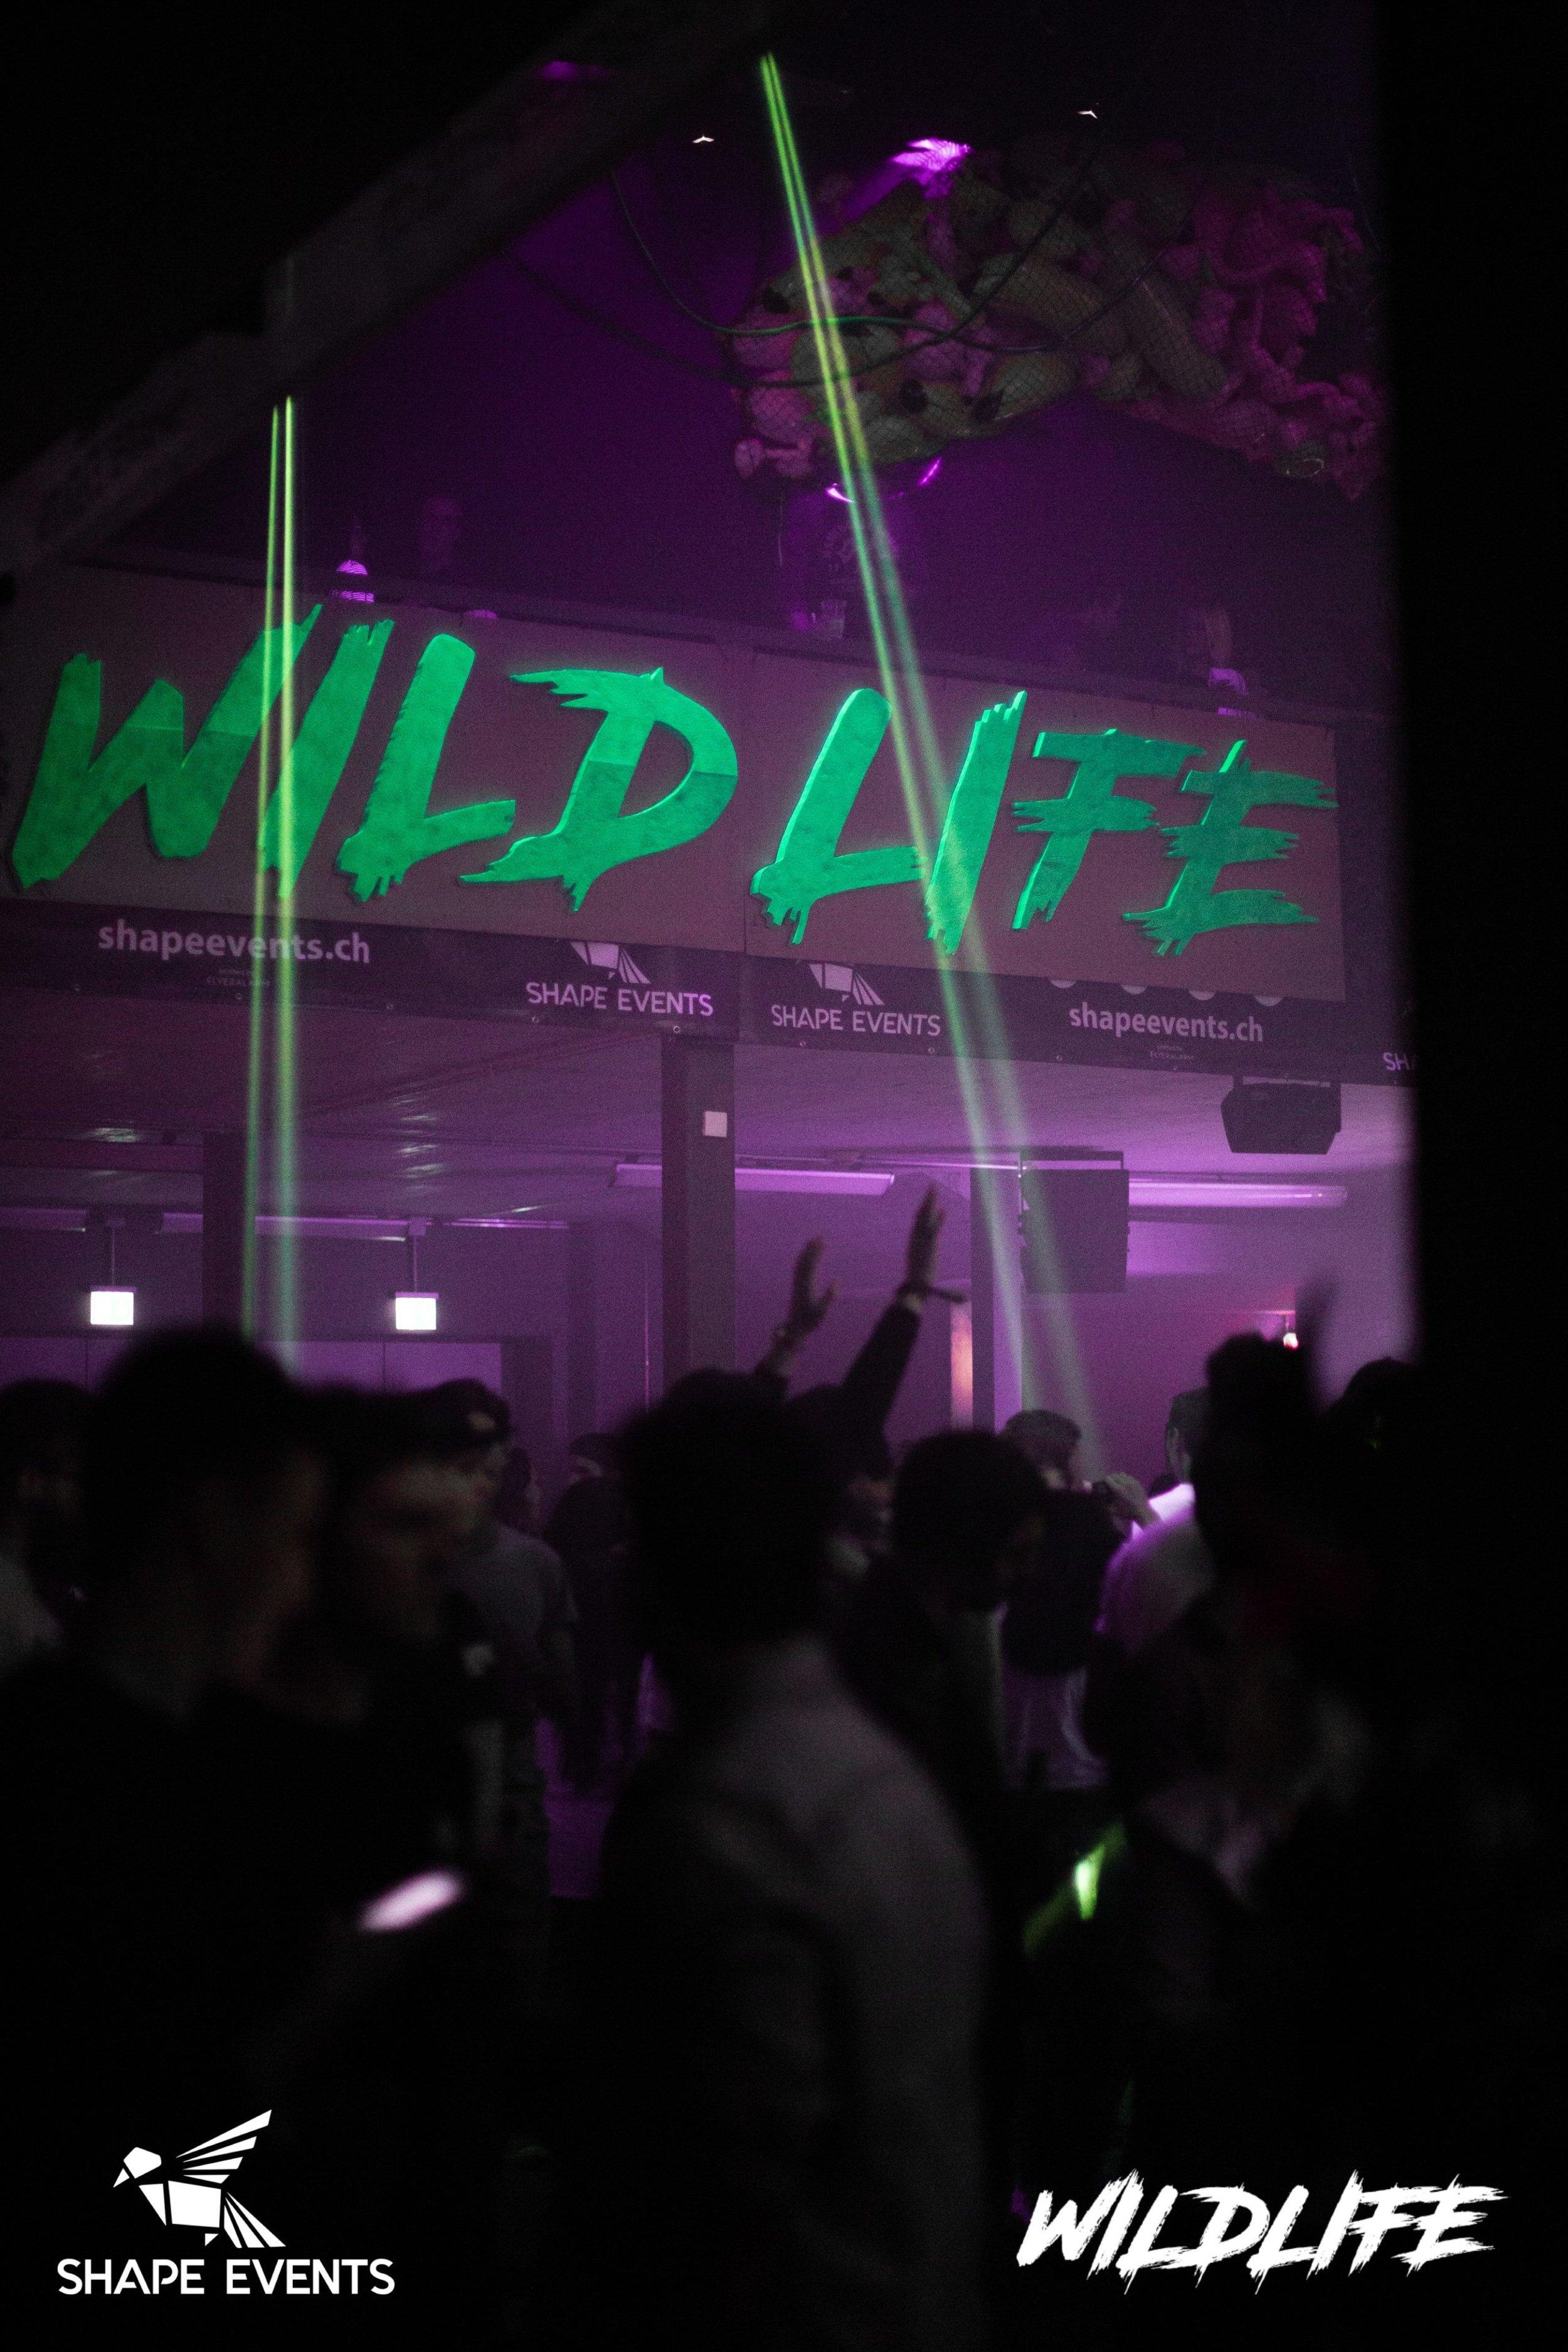 wildlife150918_005-2560x3840.jpg